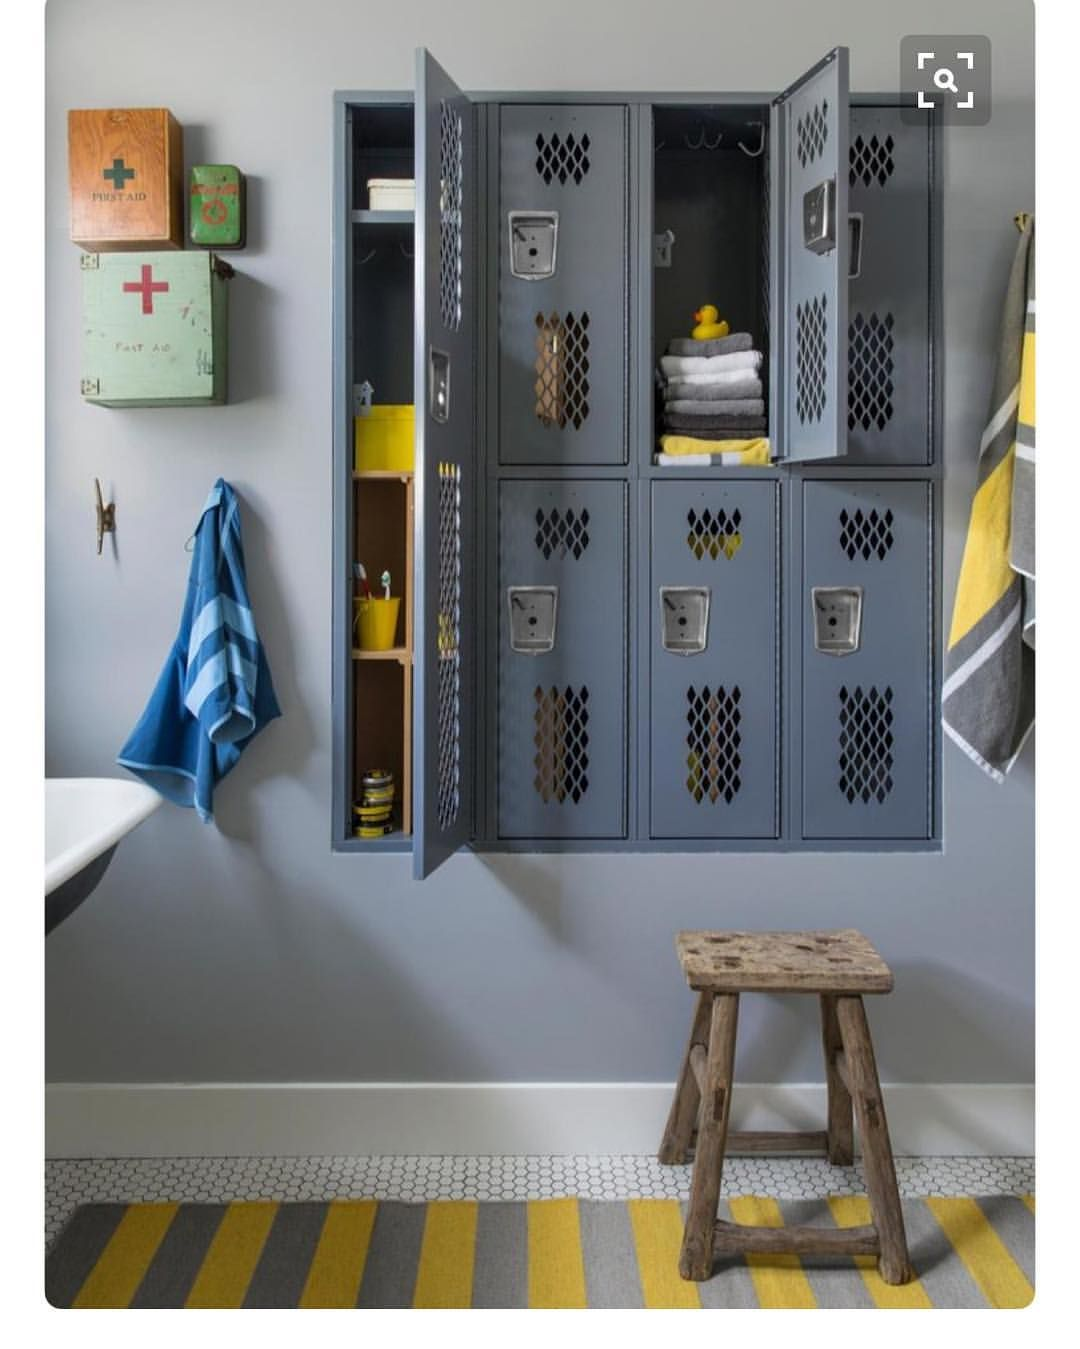 pin by blair moore on bathroom s vintage lockers locker storage rh pinterest ch